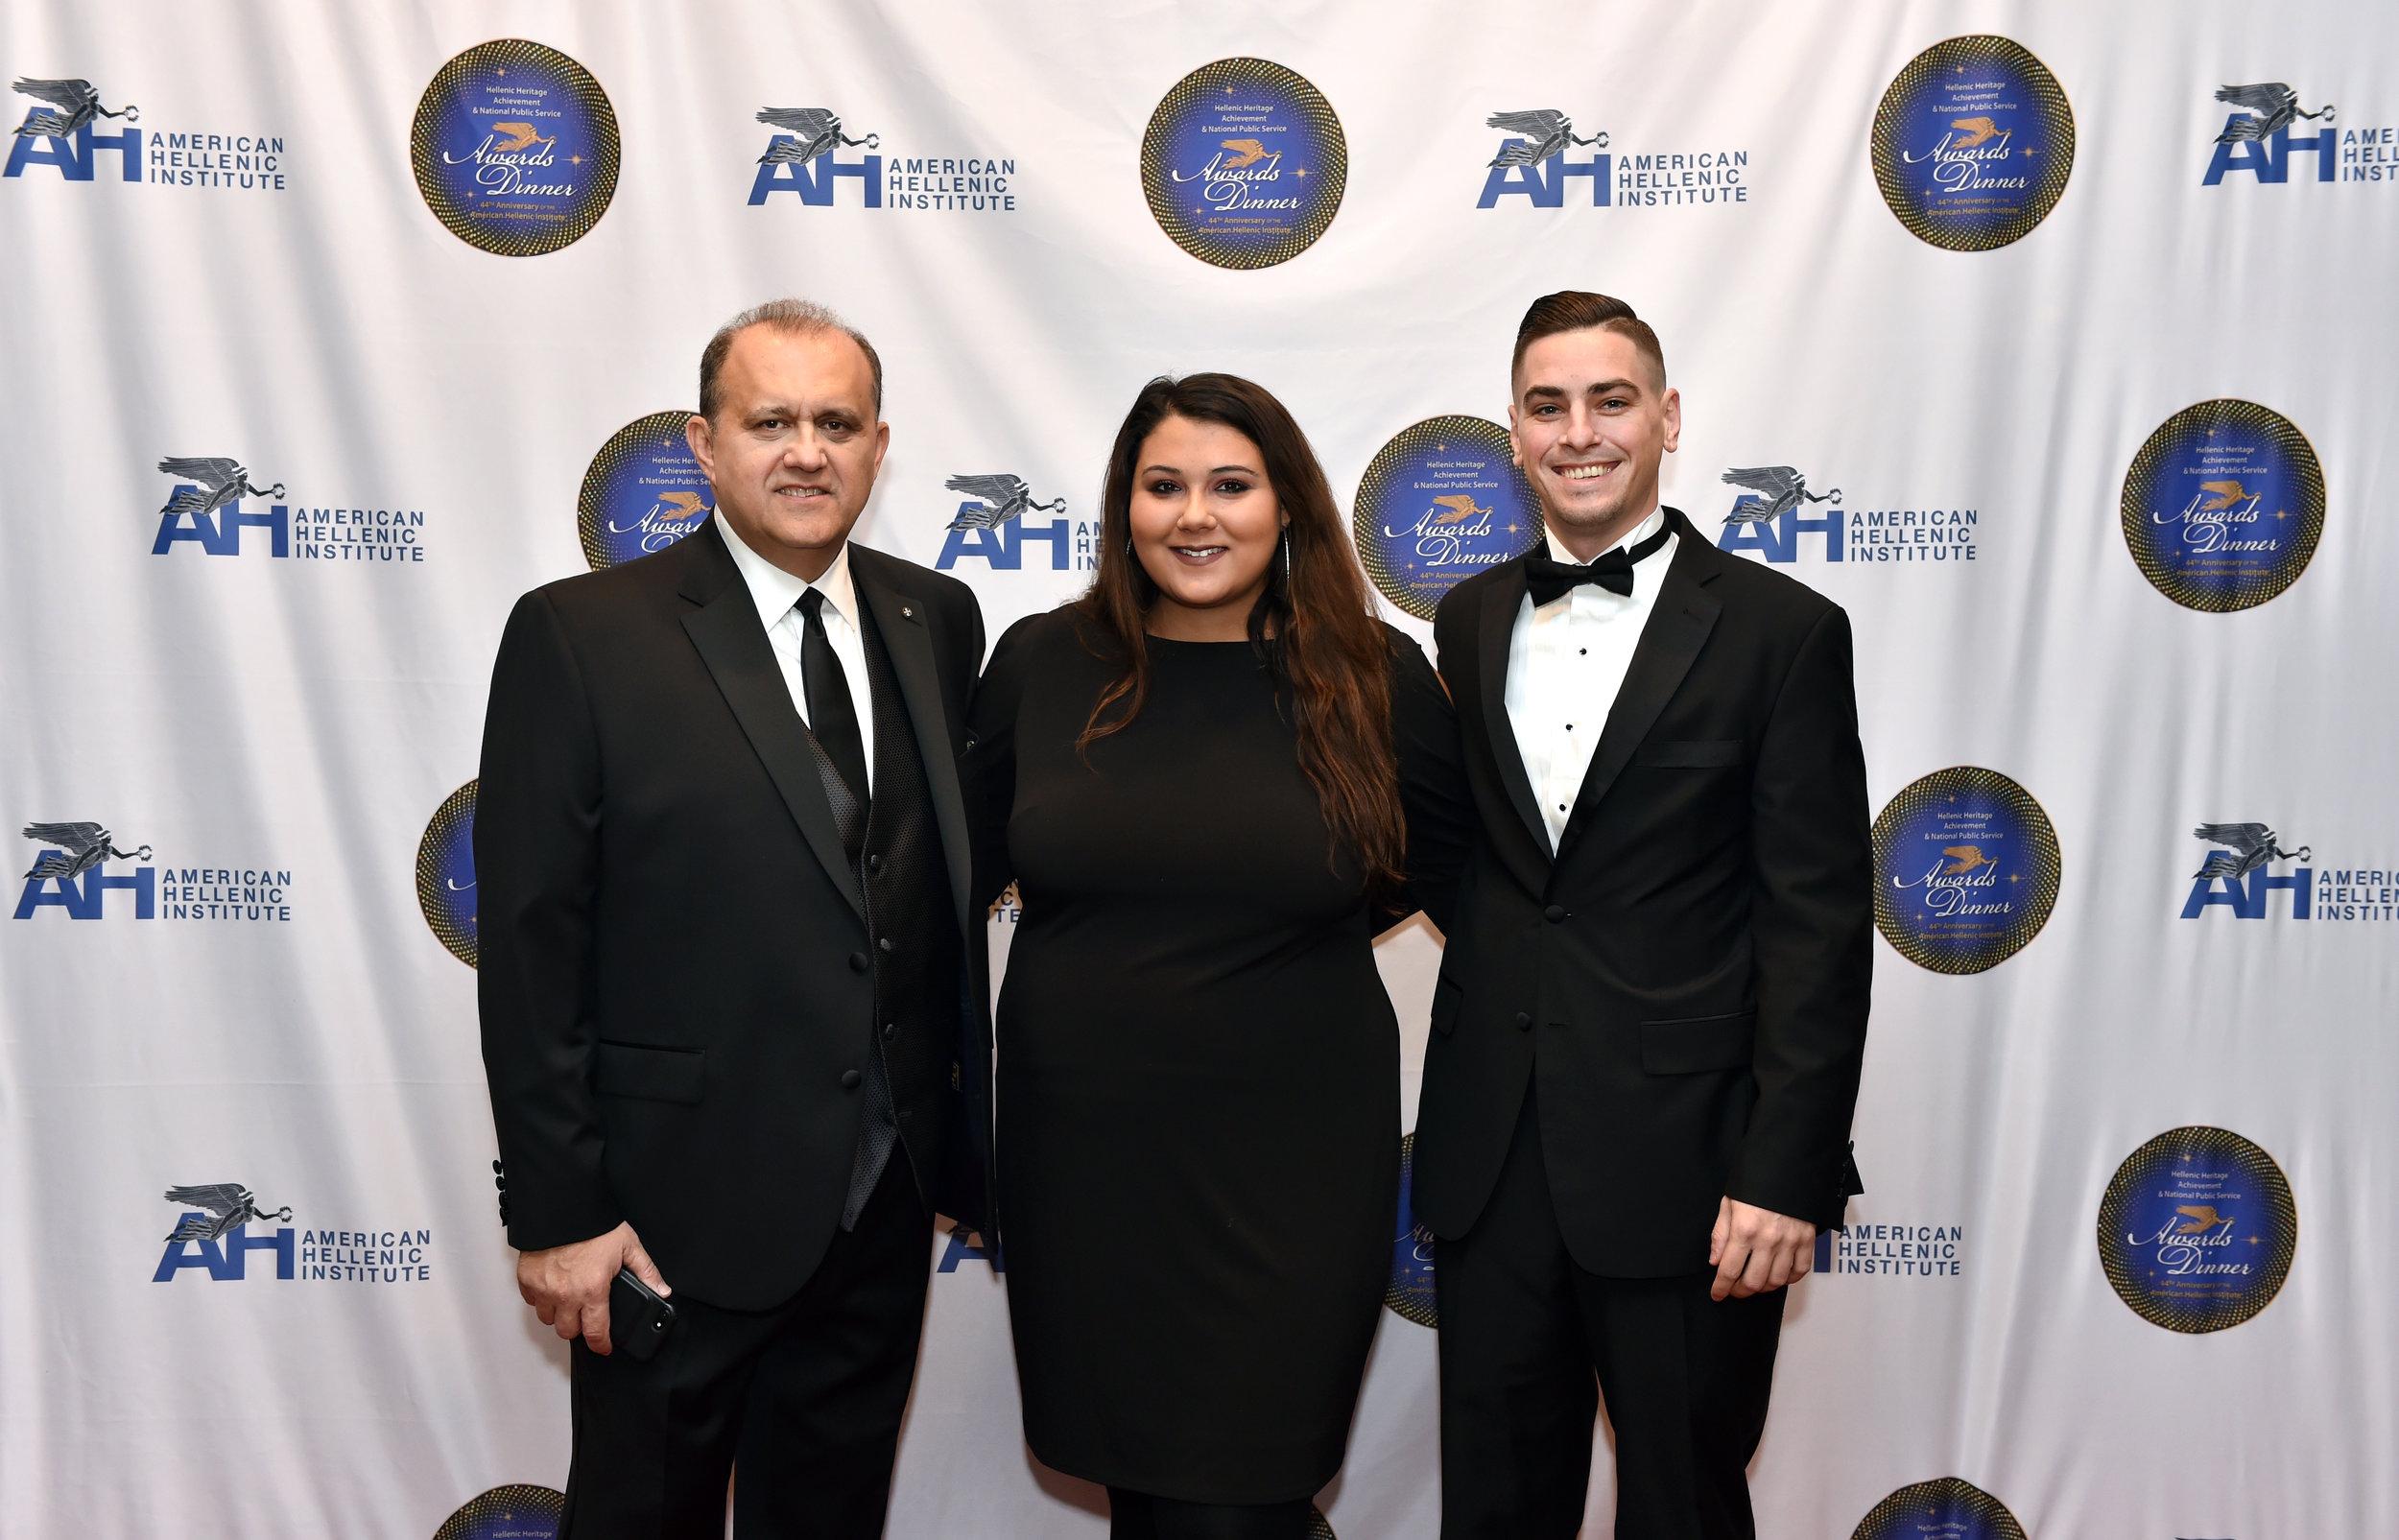 Nick Larigakis with his daughter Panayiota Larigakis and her fiancé Nick Pastore